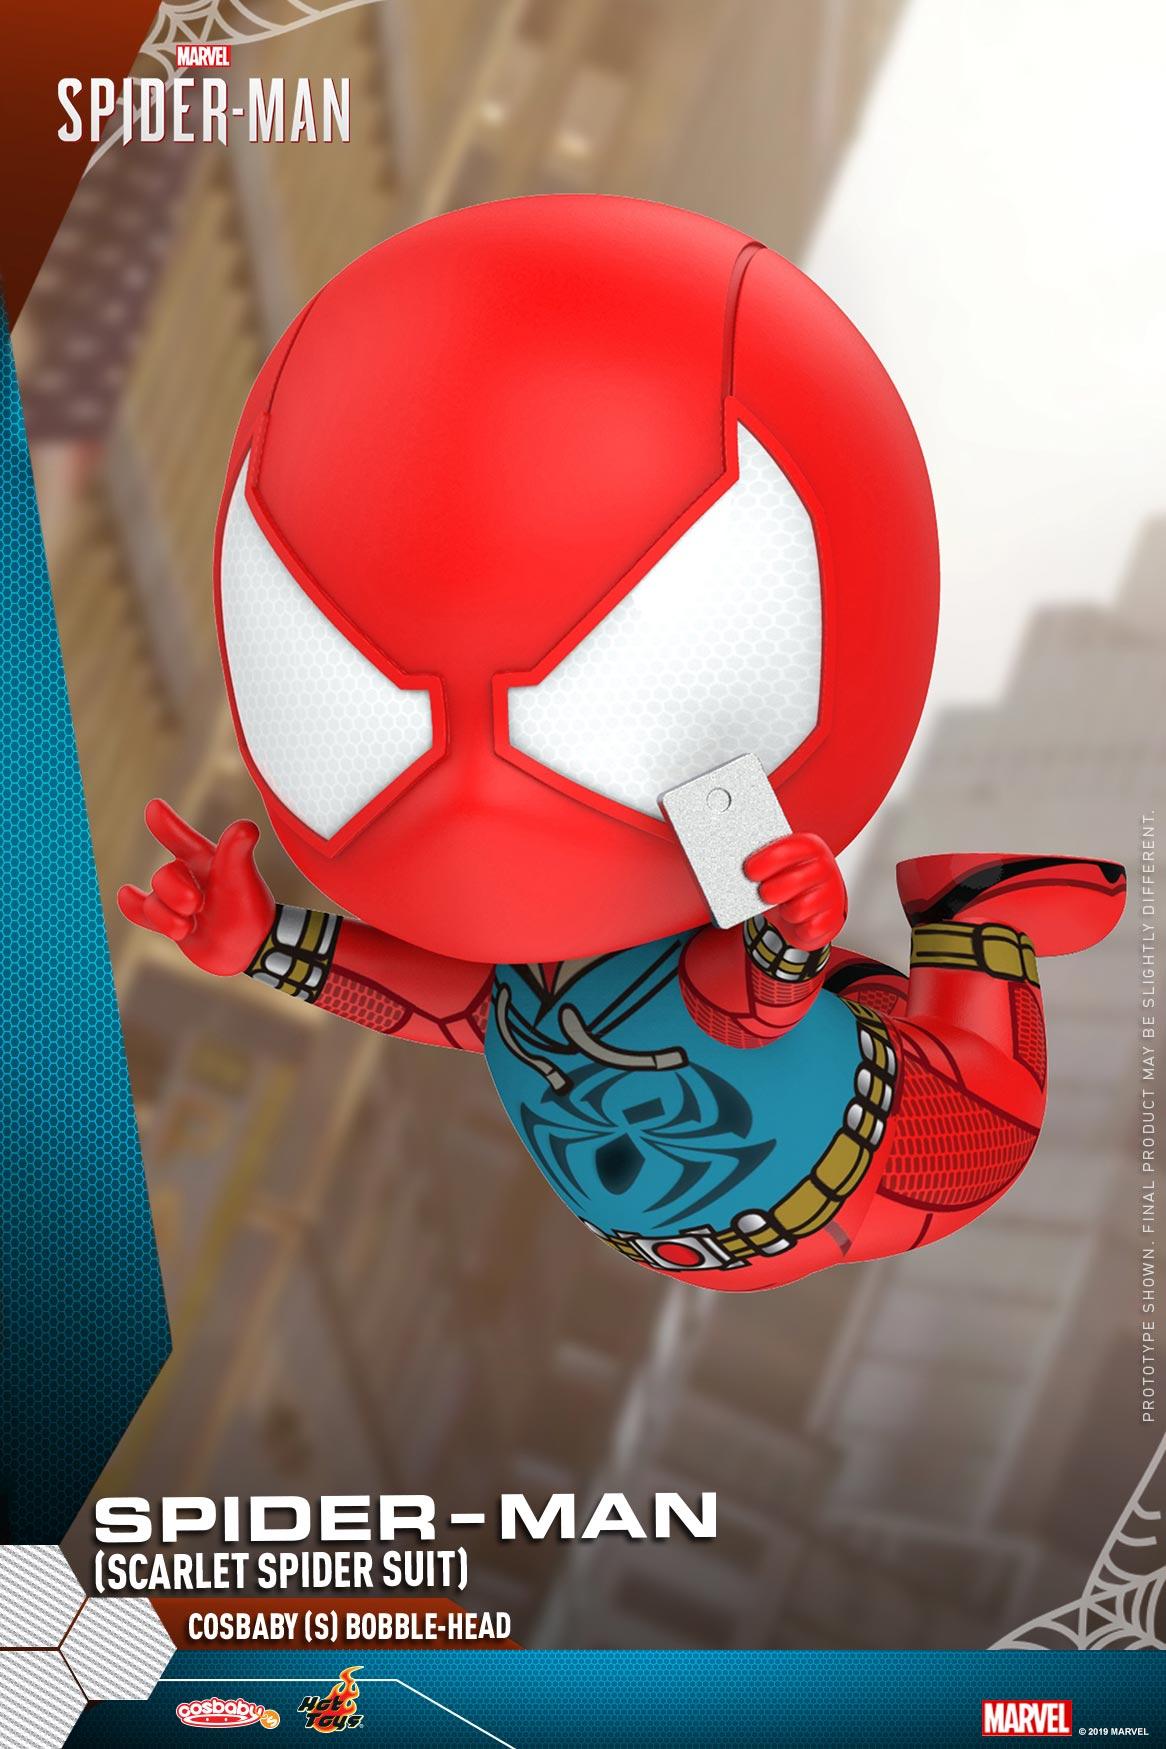 Hot-Toys---Marvel-Spider-Man---Spider-Man-(Scarlet-Spider-Suit)-Cosbaby-(S)_PR2